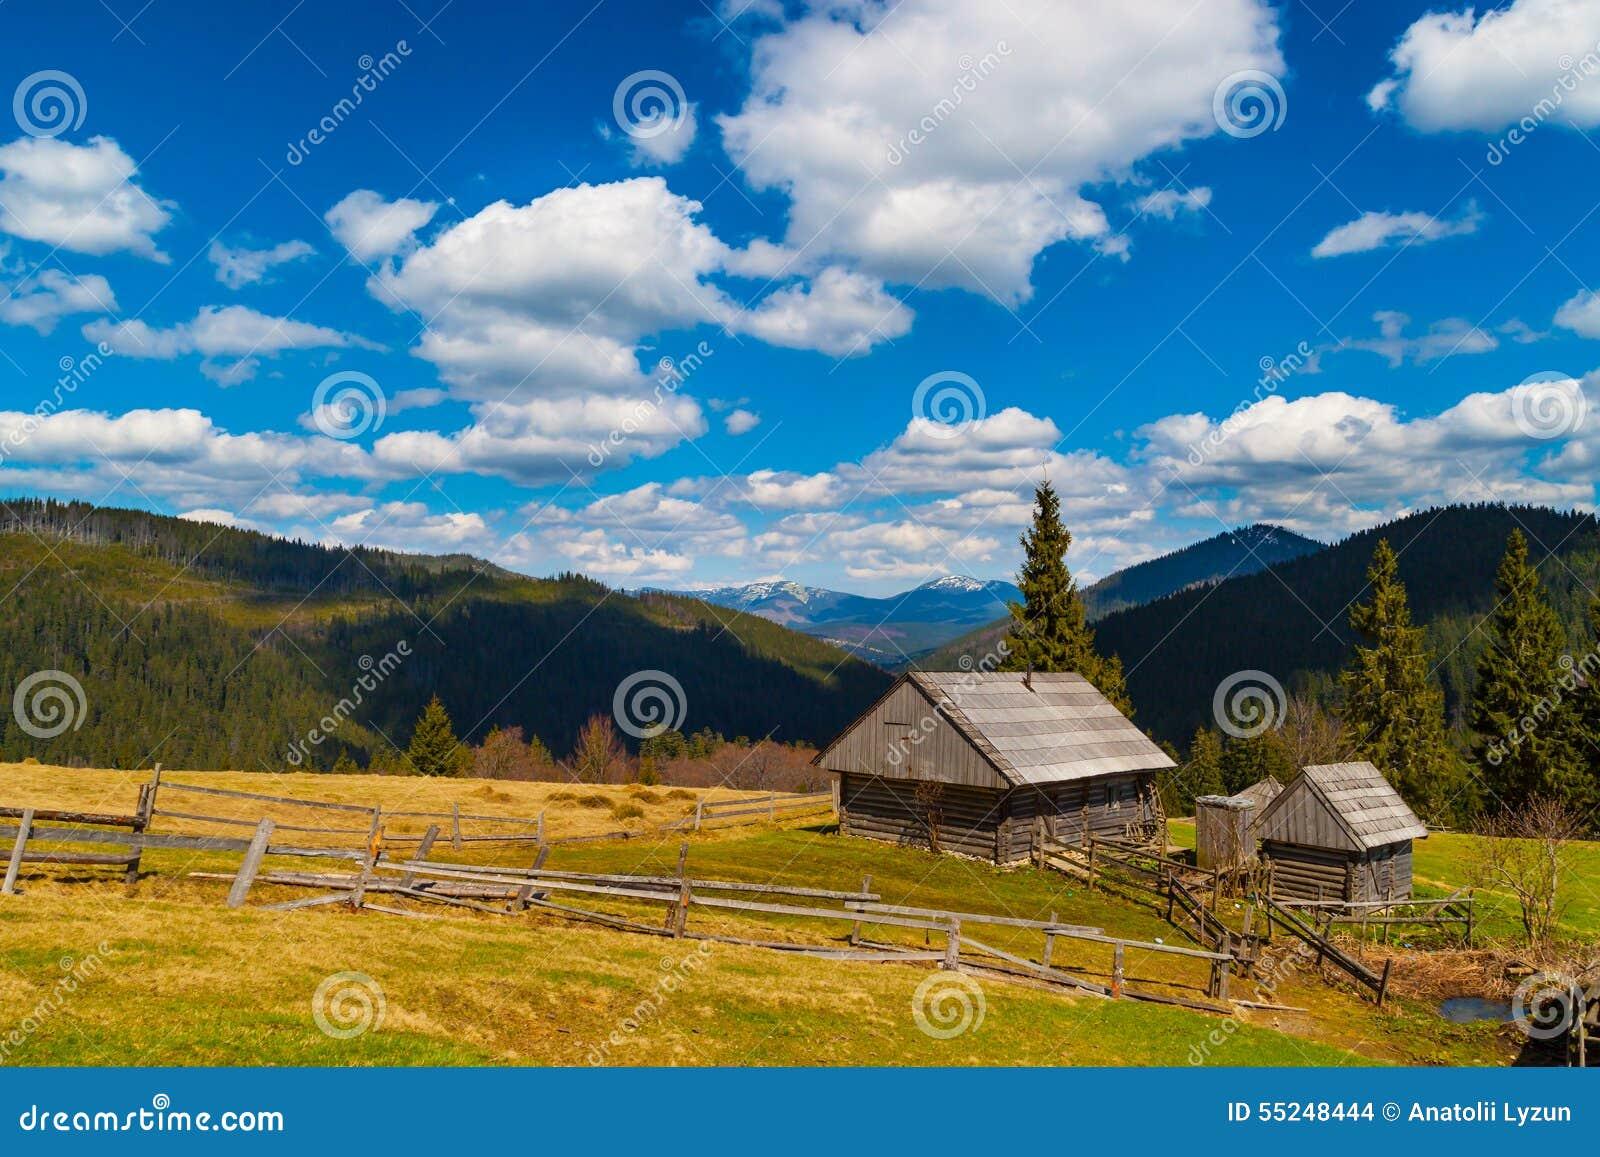 Paesaggio della montagna con due case di legno fotografia for Due case di tronchi storia